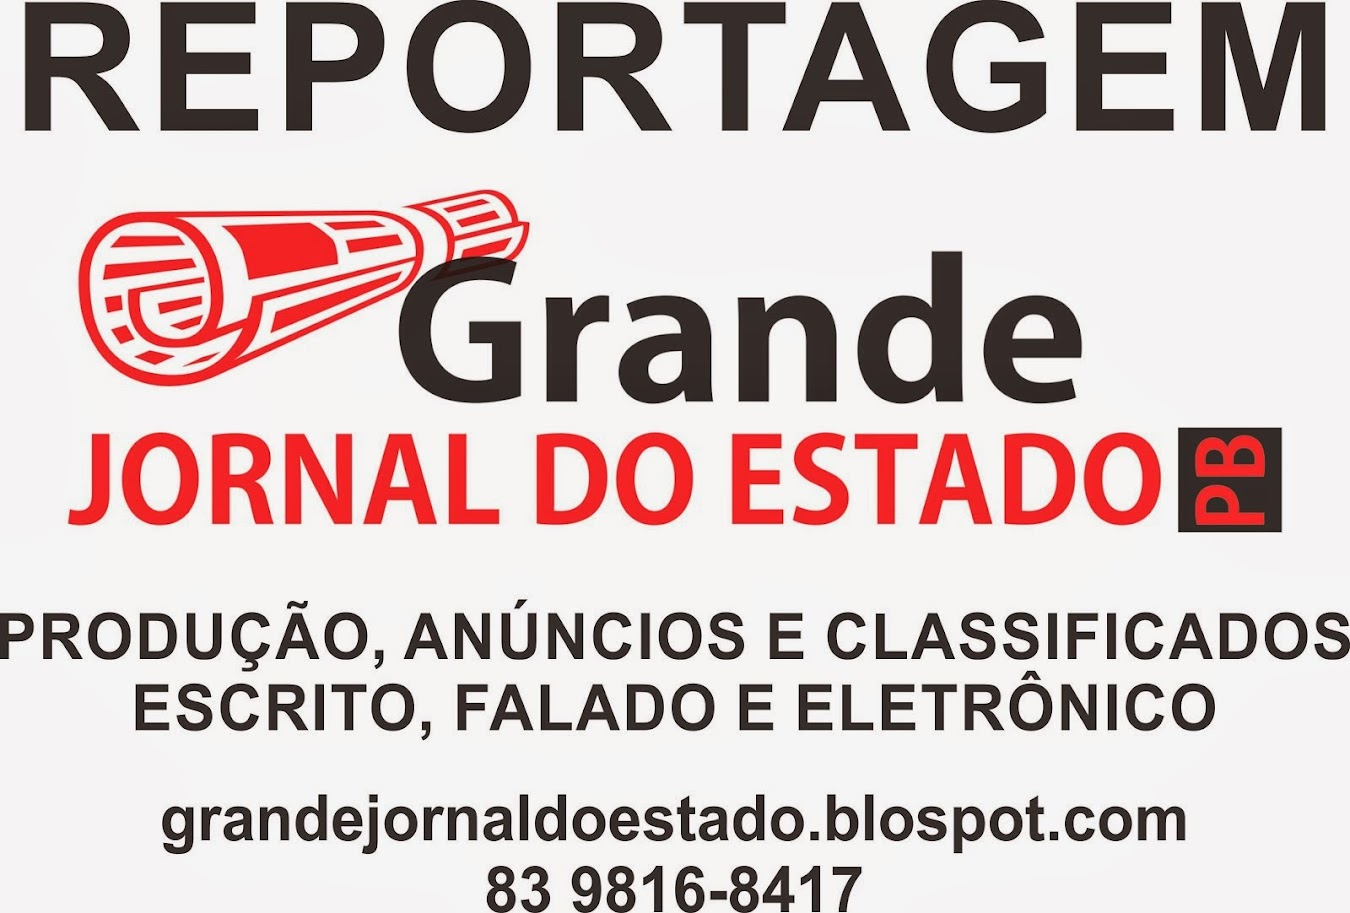 BLOG  DA ABANDONADA  ACI DE CAJAZEIRAS  ANO 2014 POR  FALTA DE ATENÇÃO DA  DIRETORIA  ATUAL